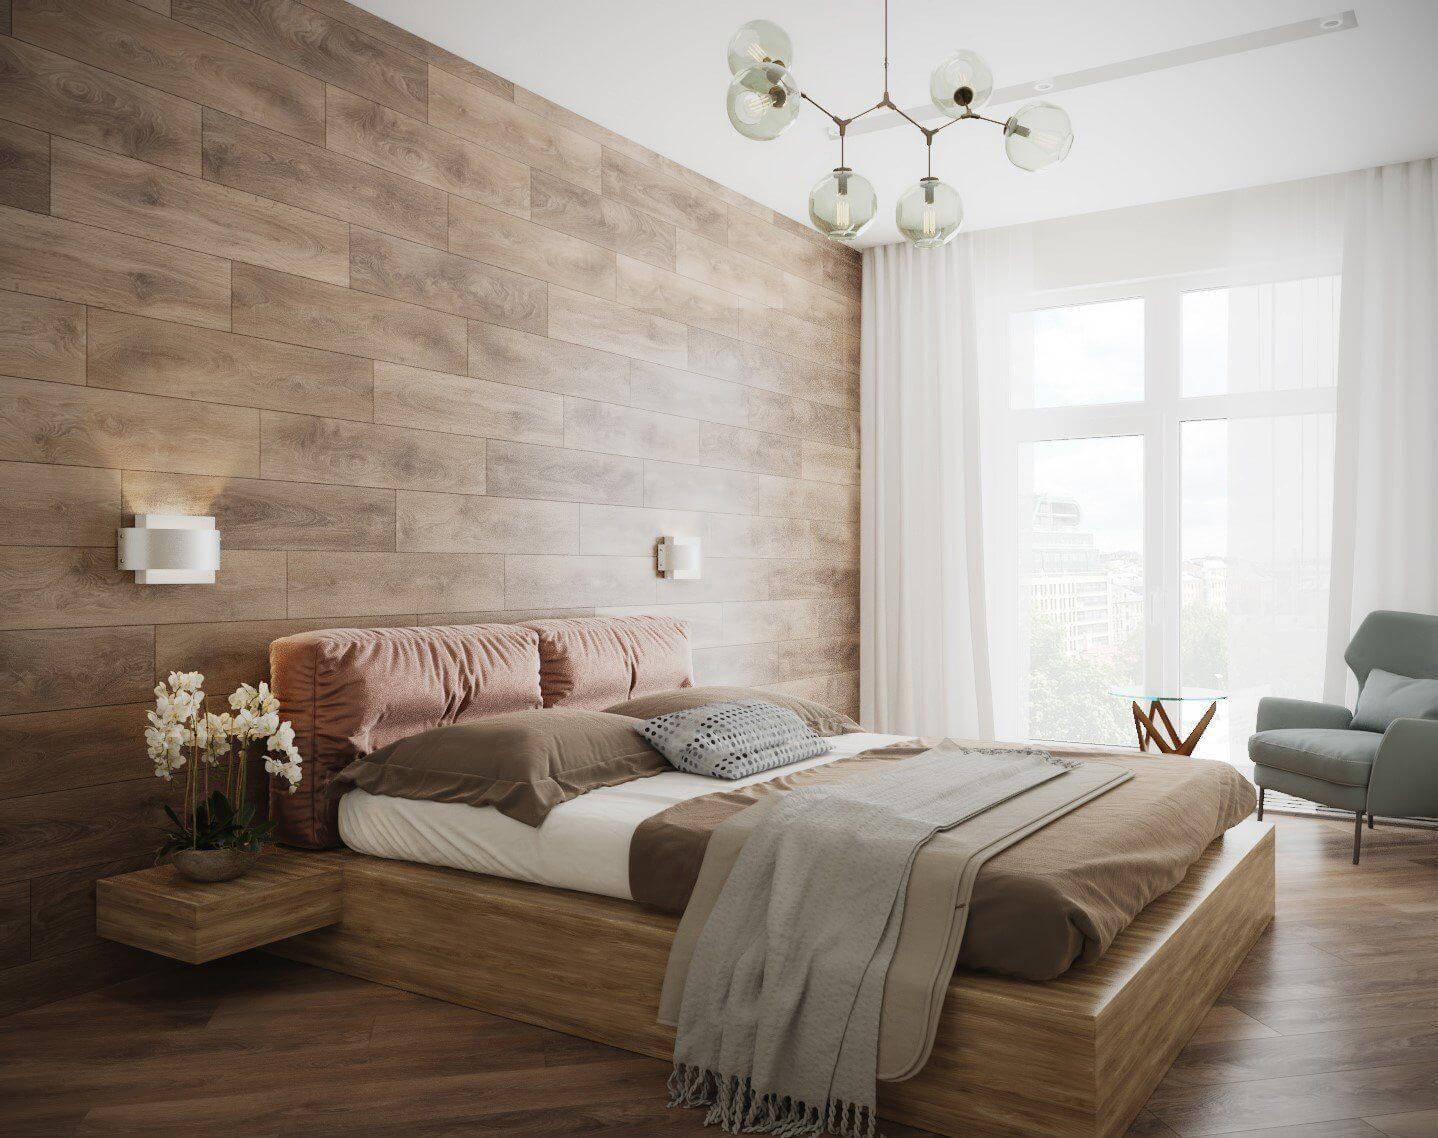 Ліжко в дизайні спальні мінімалізм